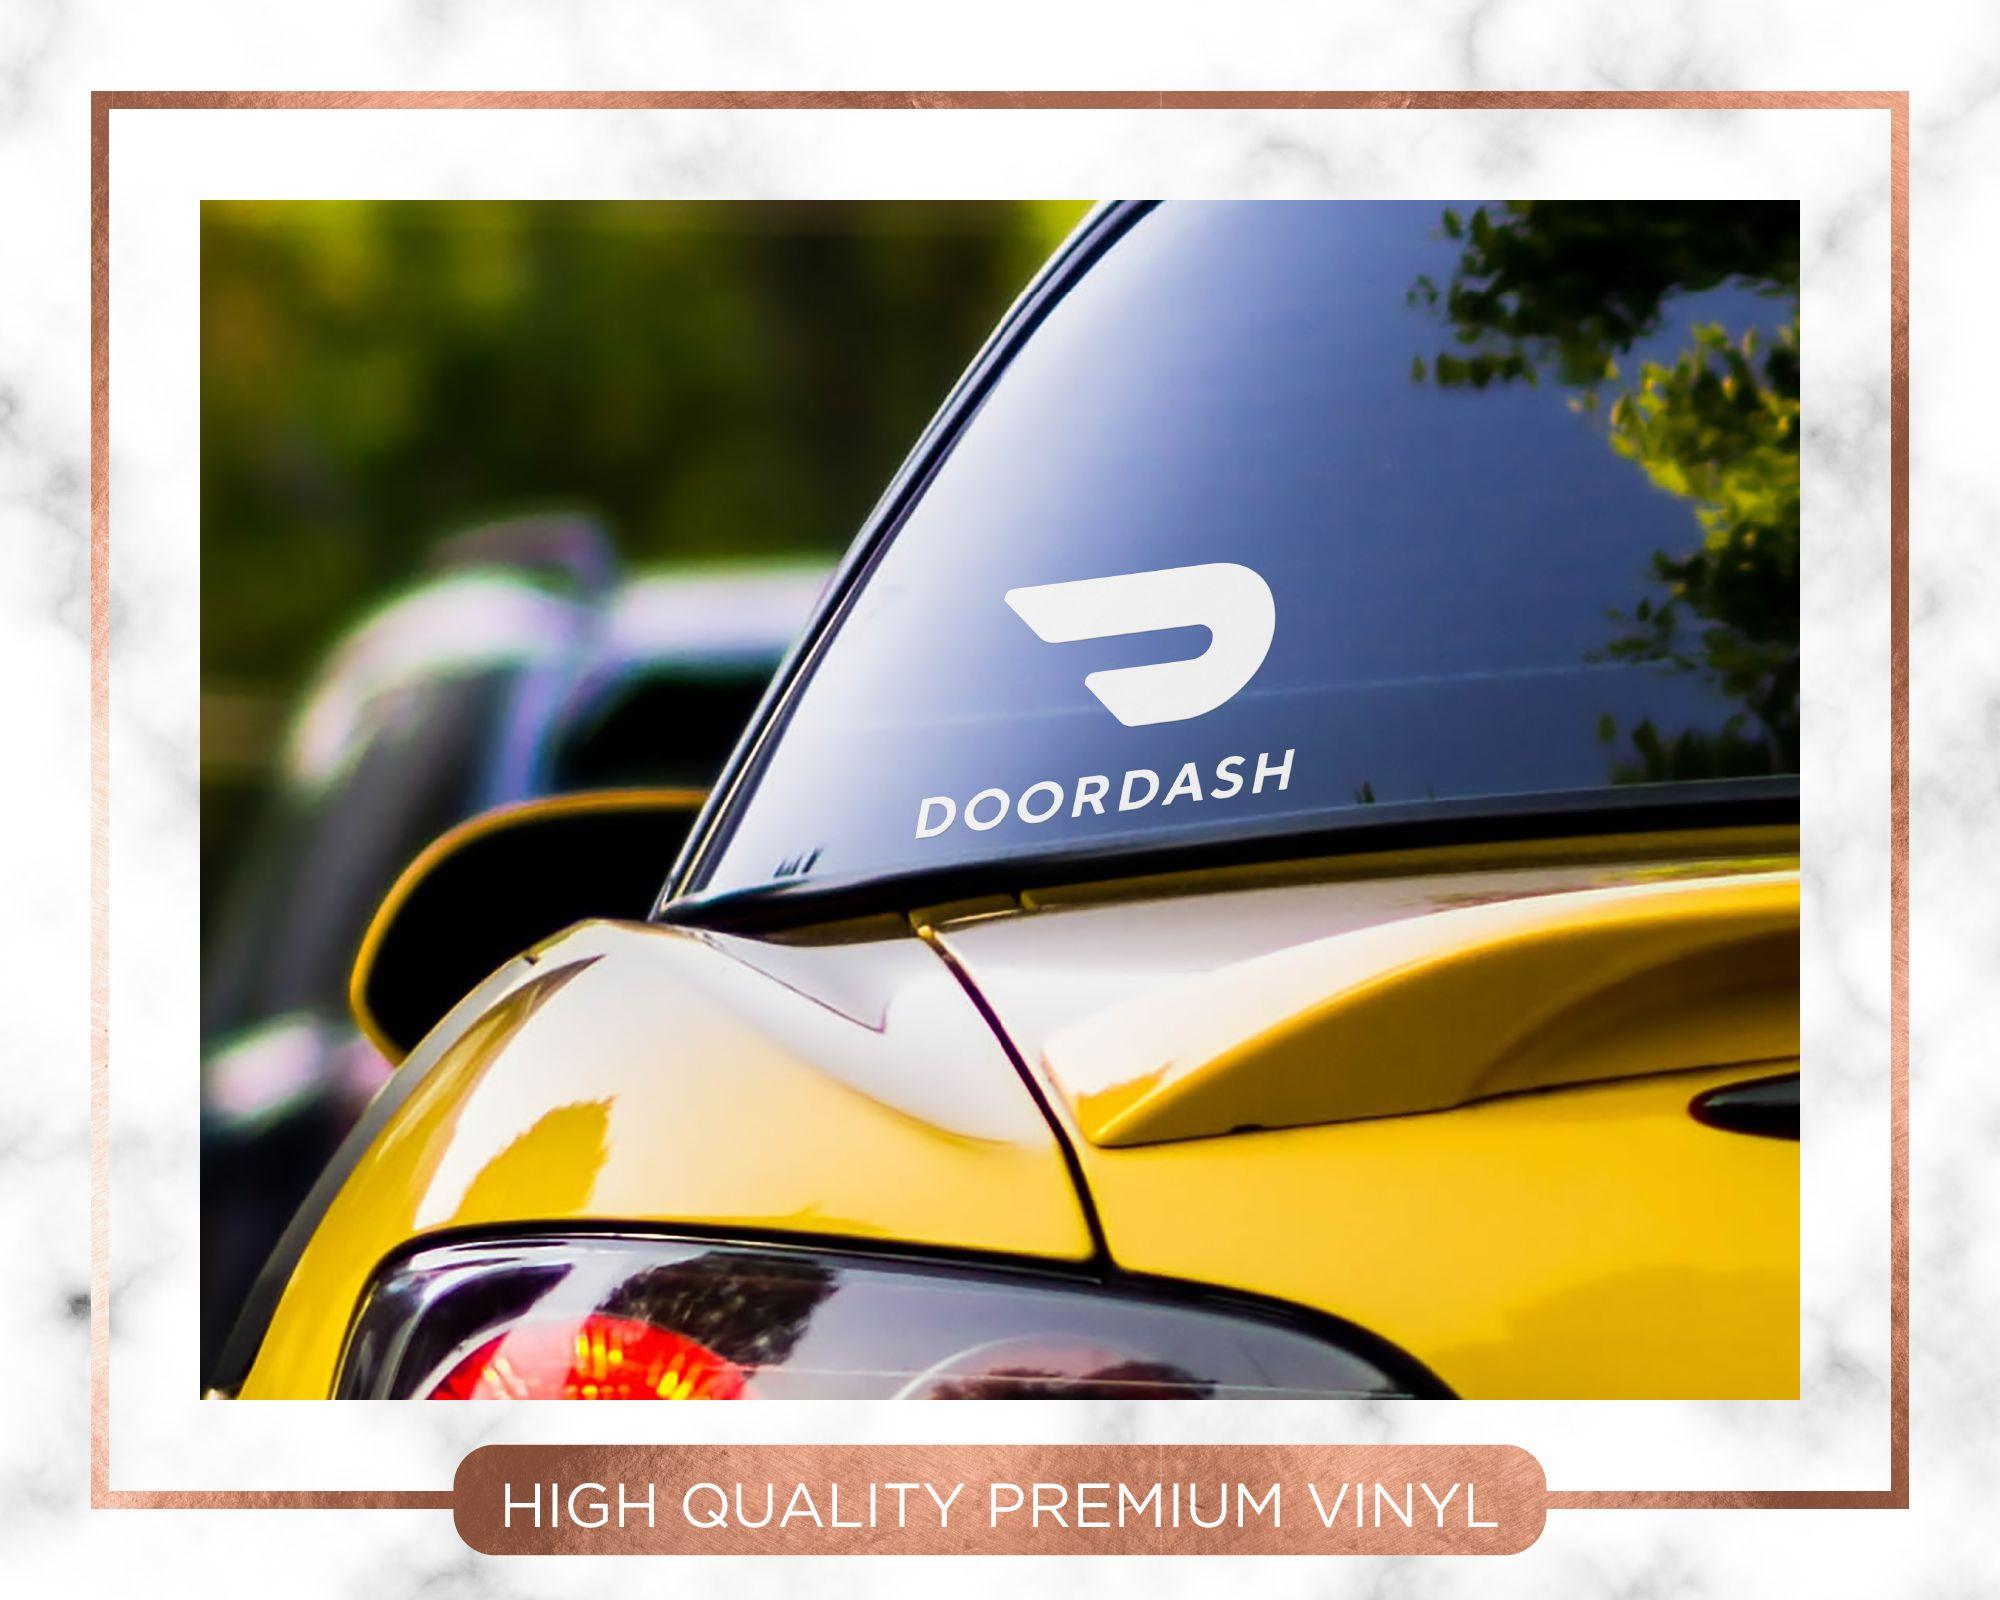 Pin By Ruesch Design Graphic Design On Doordash Doordash Car Decals Vinyl Decals [ 1600 x 2000 Pixel ]